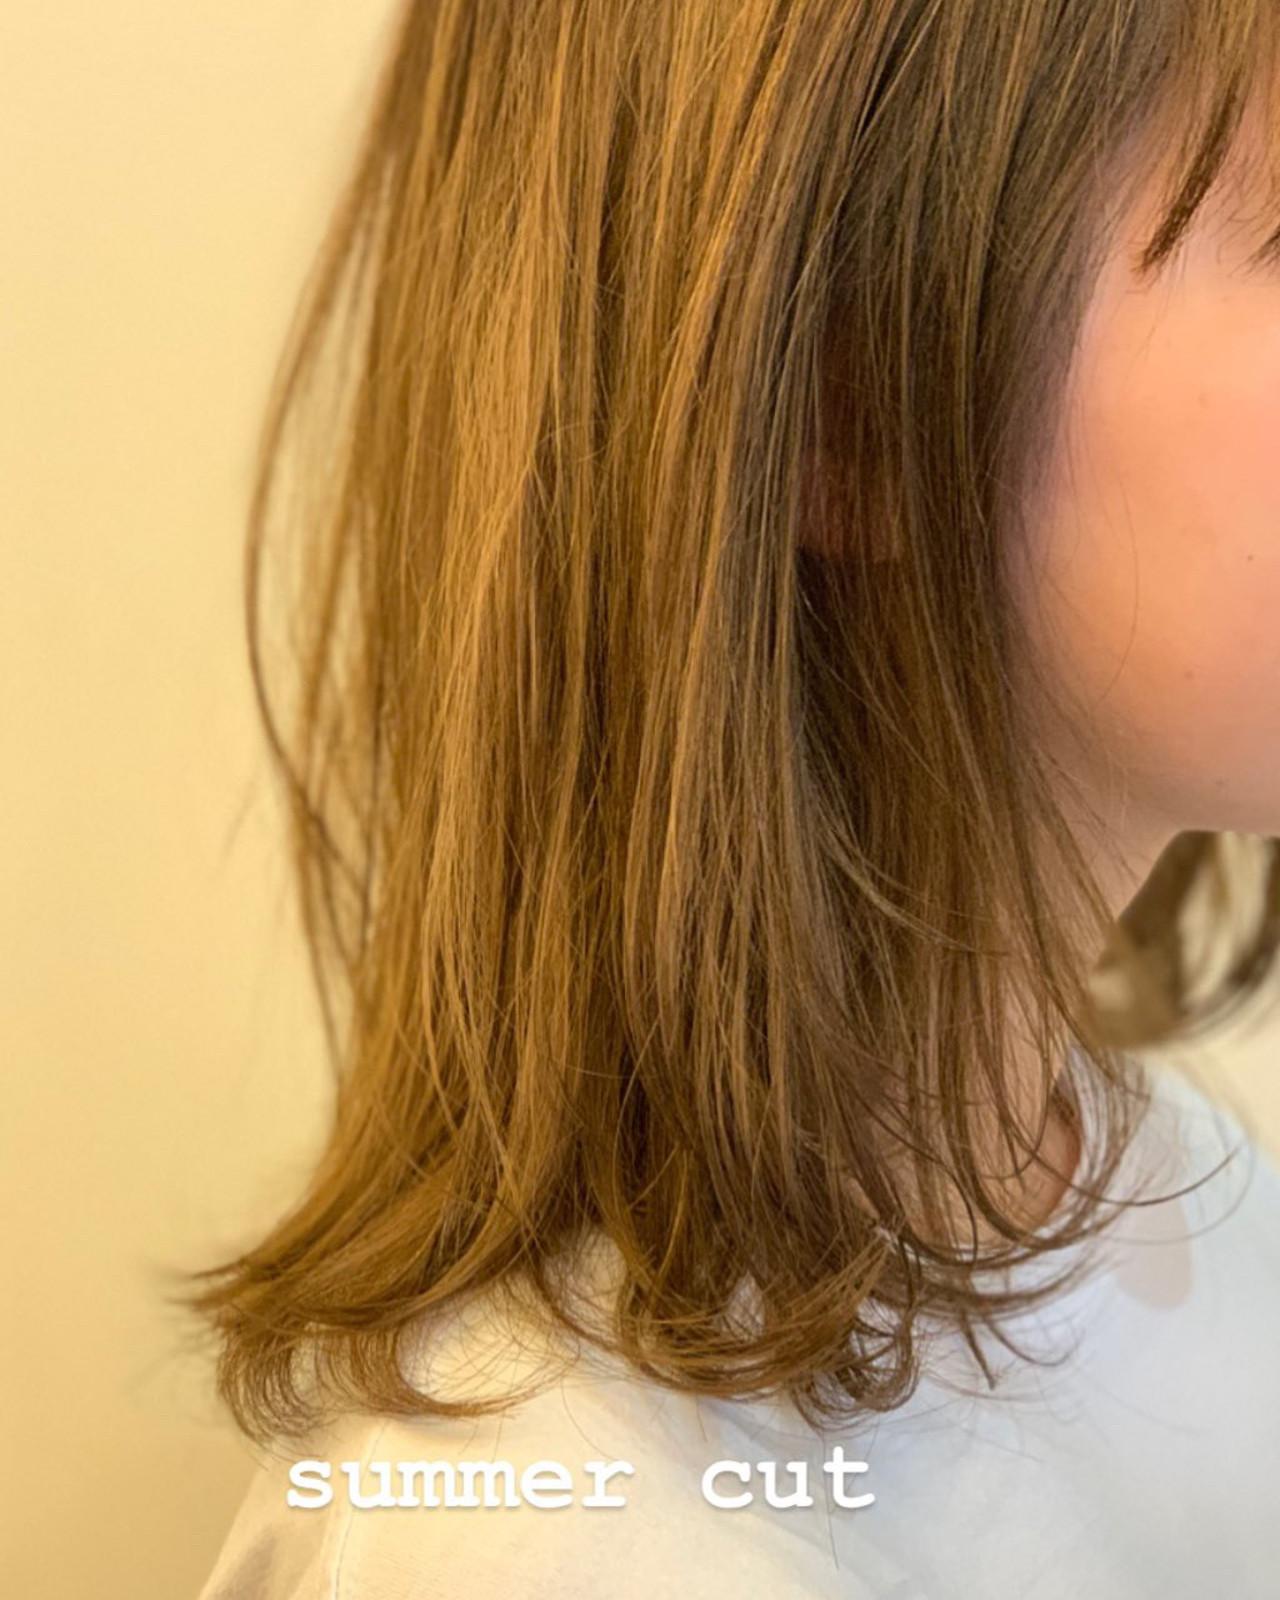 ダブルカラー デート ヘアカラー ストリート ヘアスタイルや髪型の写真・画像